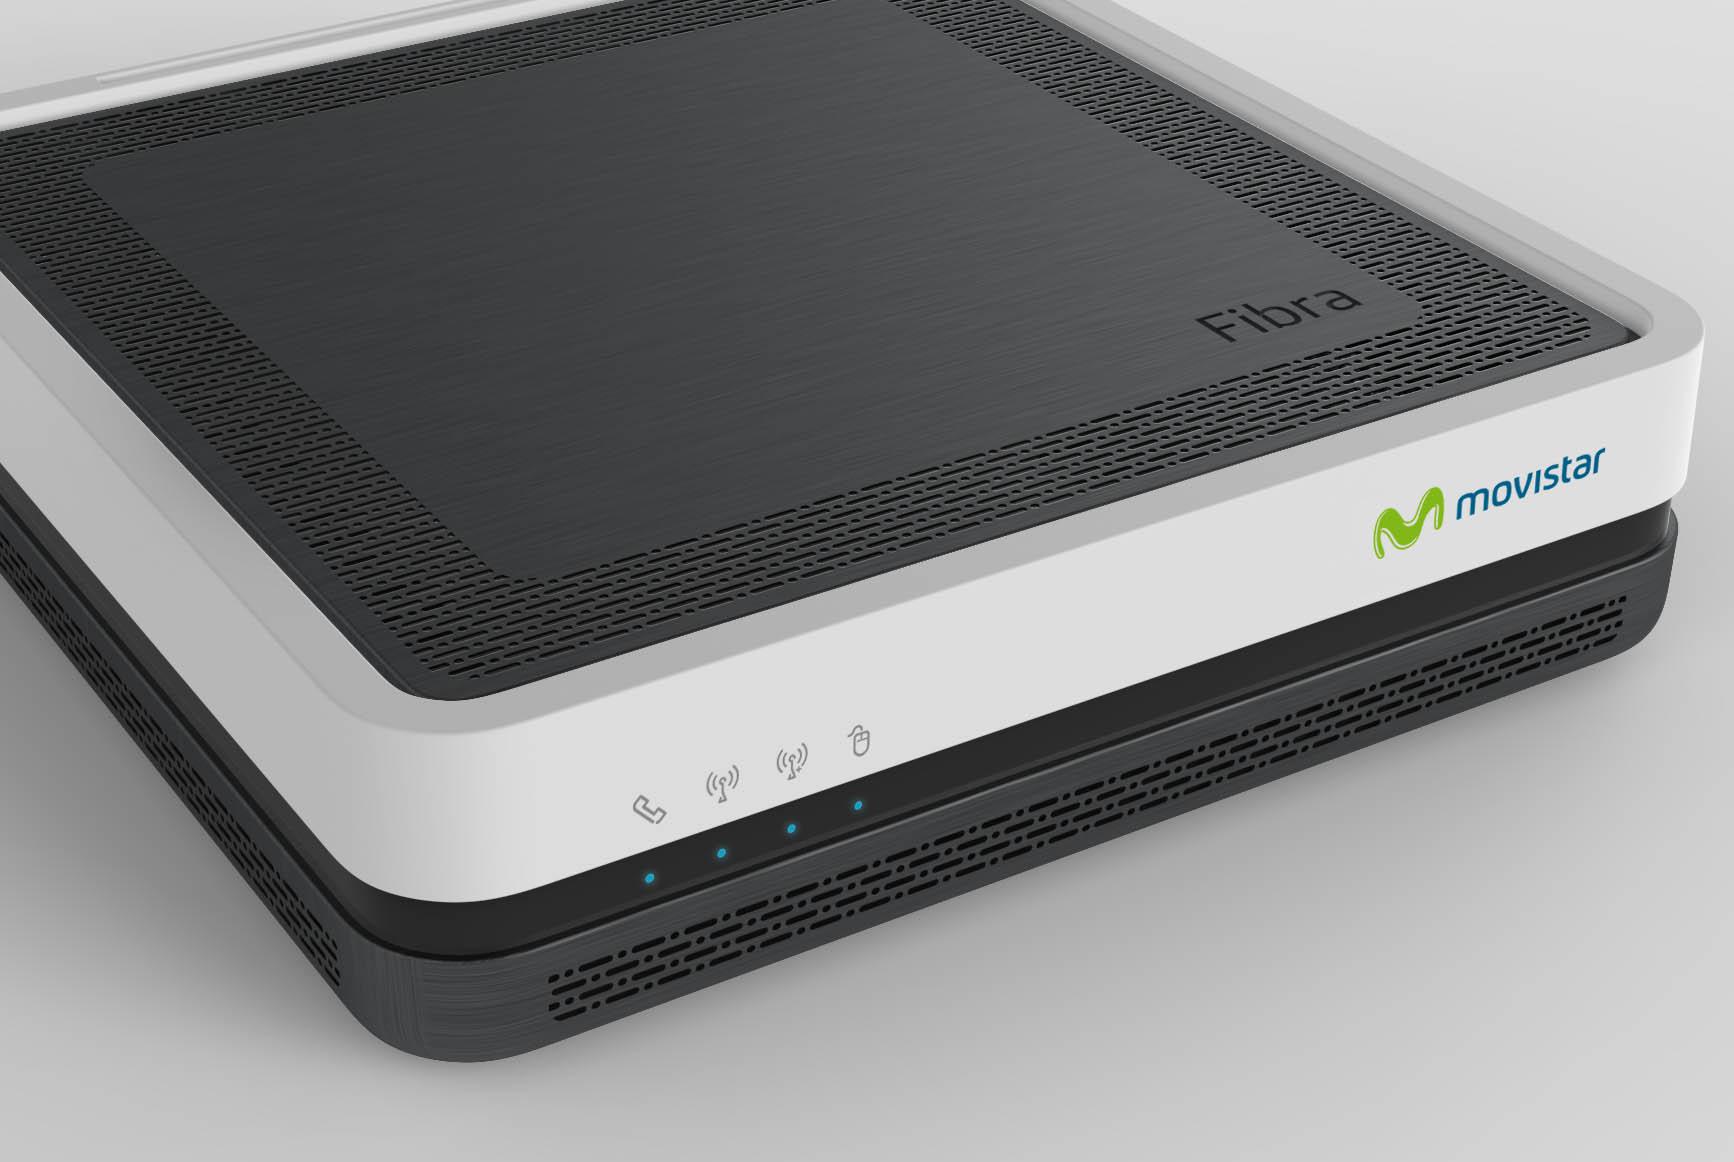 Home Gateway Unit, dispositivo 3 en 1 de Telefónica (router, ONT y videobridge)